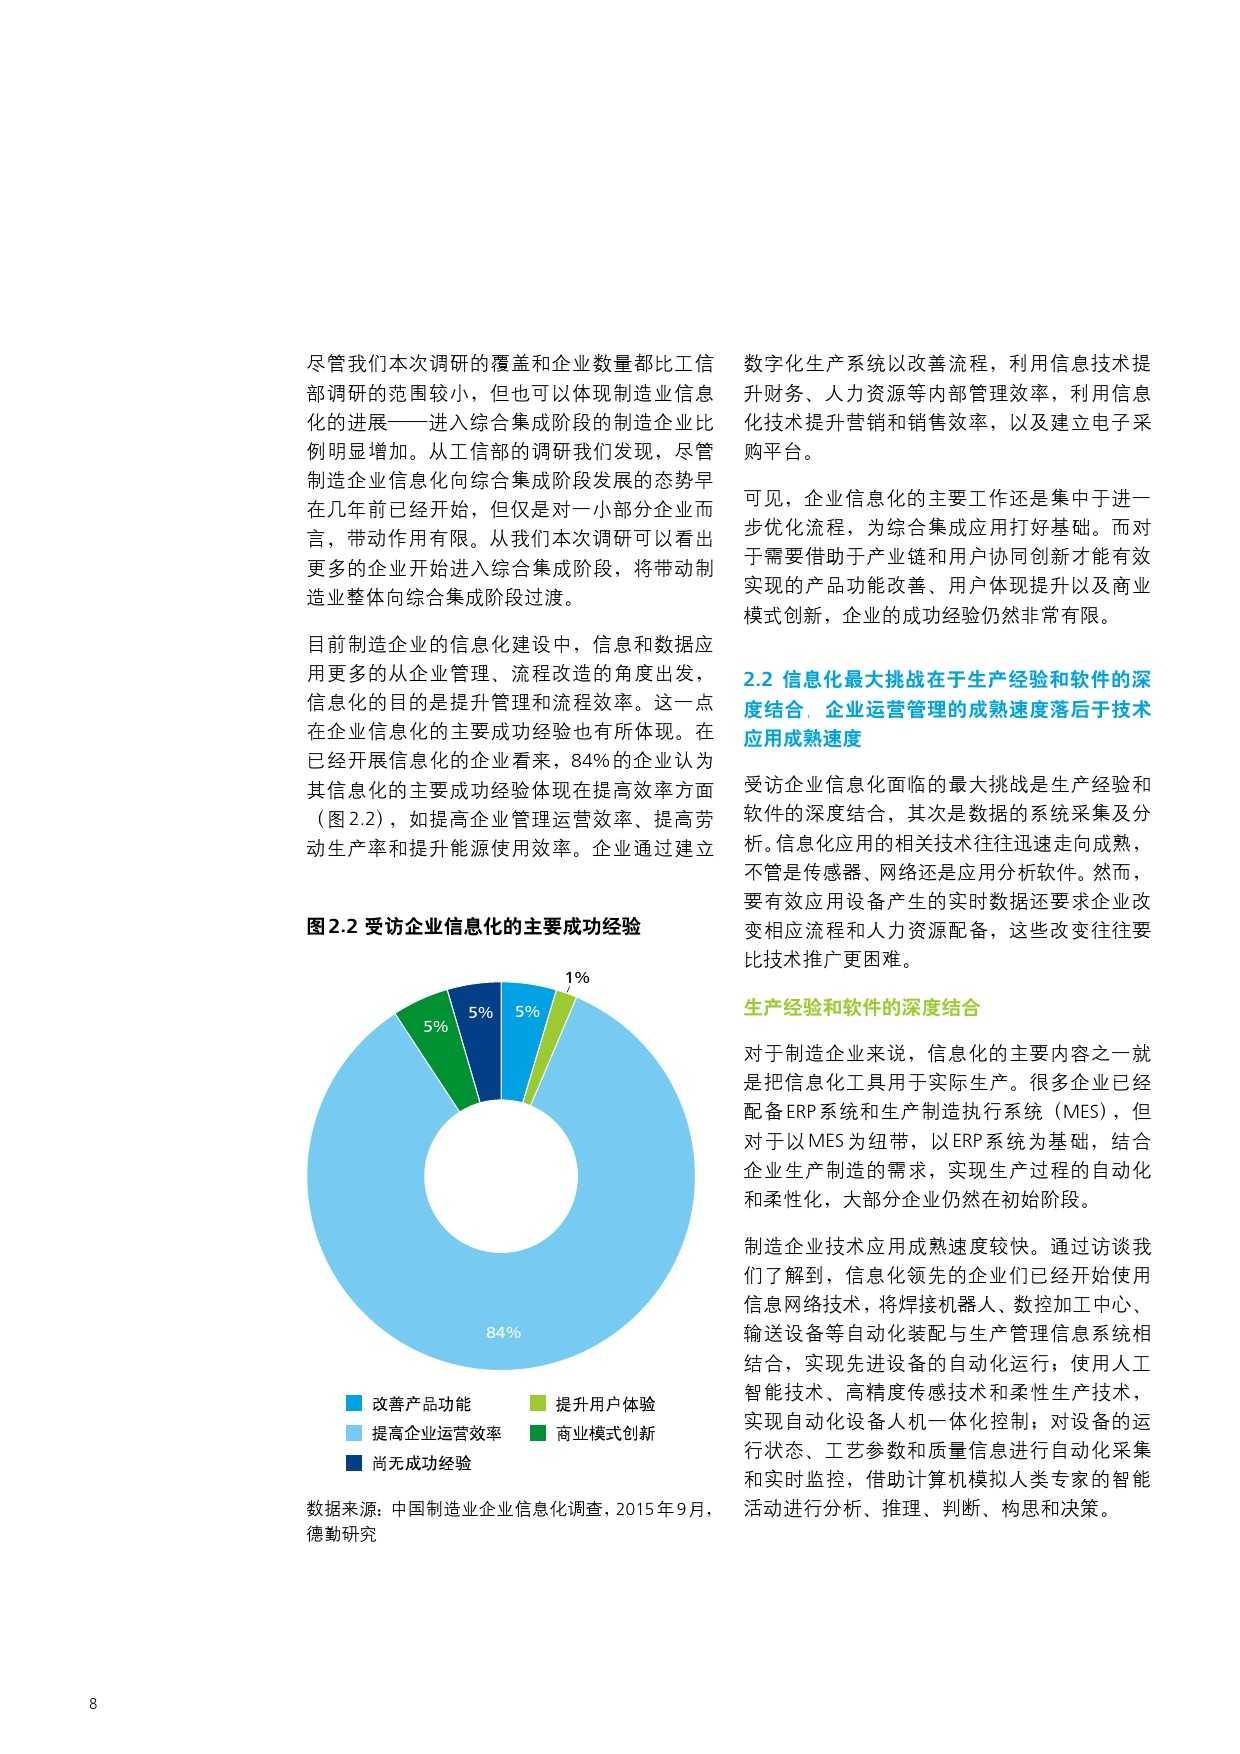 2015年中国制造业企业信息化调查_000010